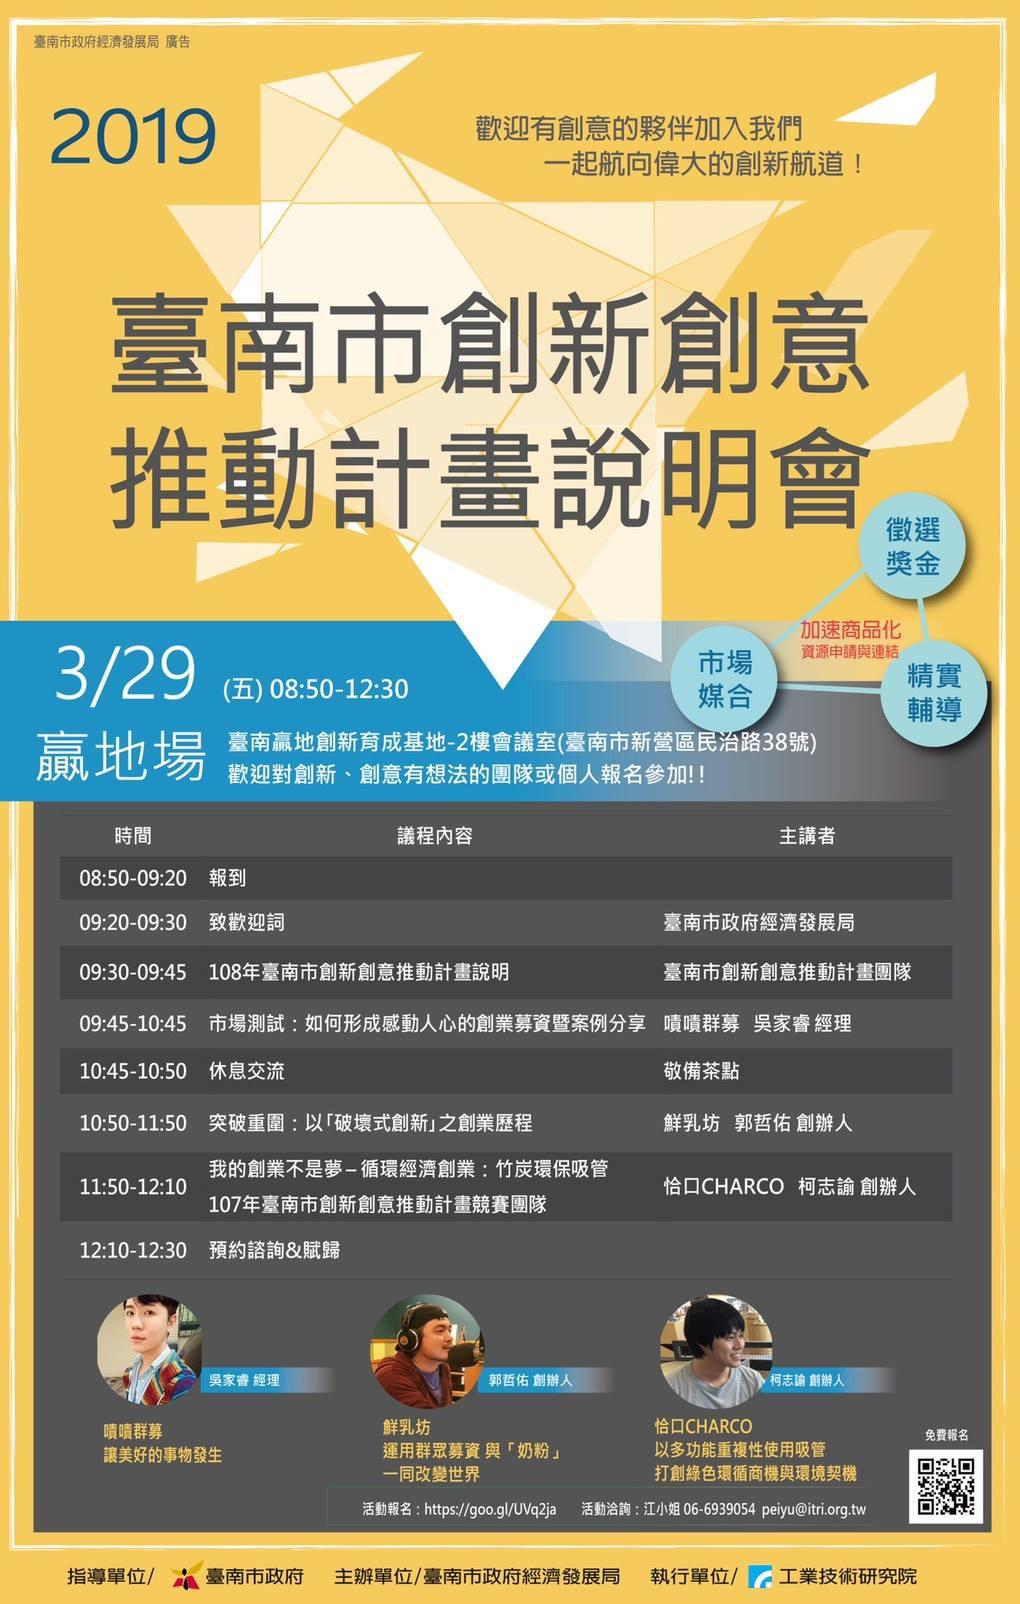 臺南市創新創意推動計畫徵選